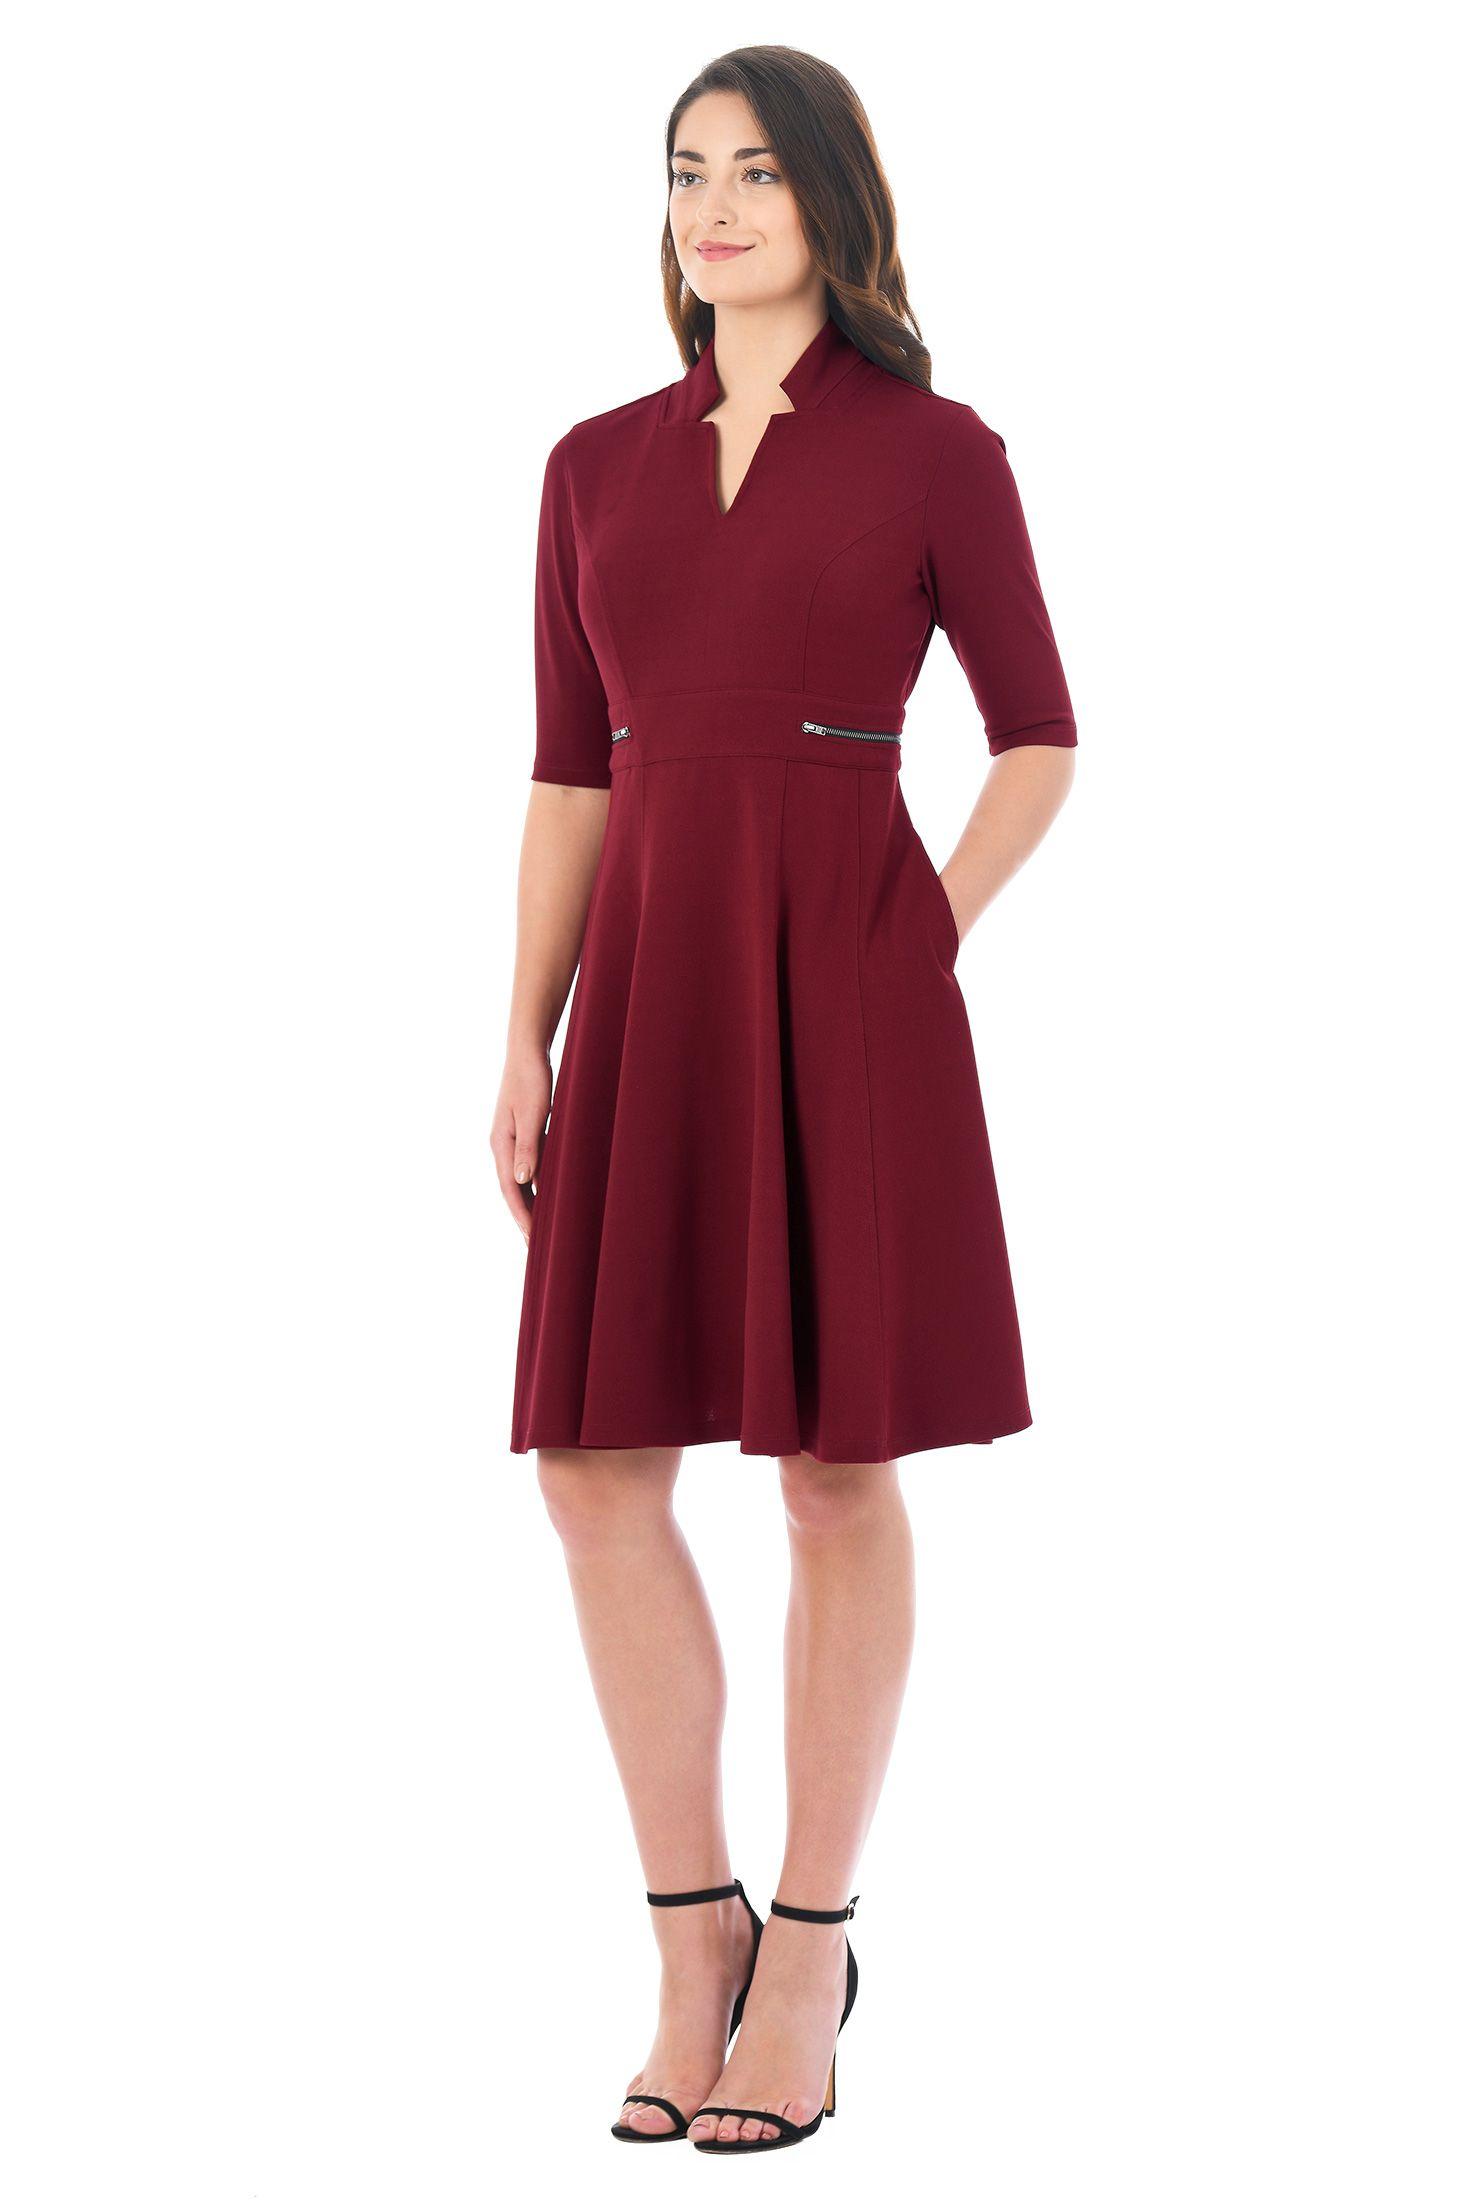 17+ Jersey knit dress ideas in 2021